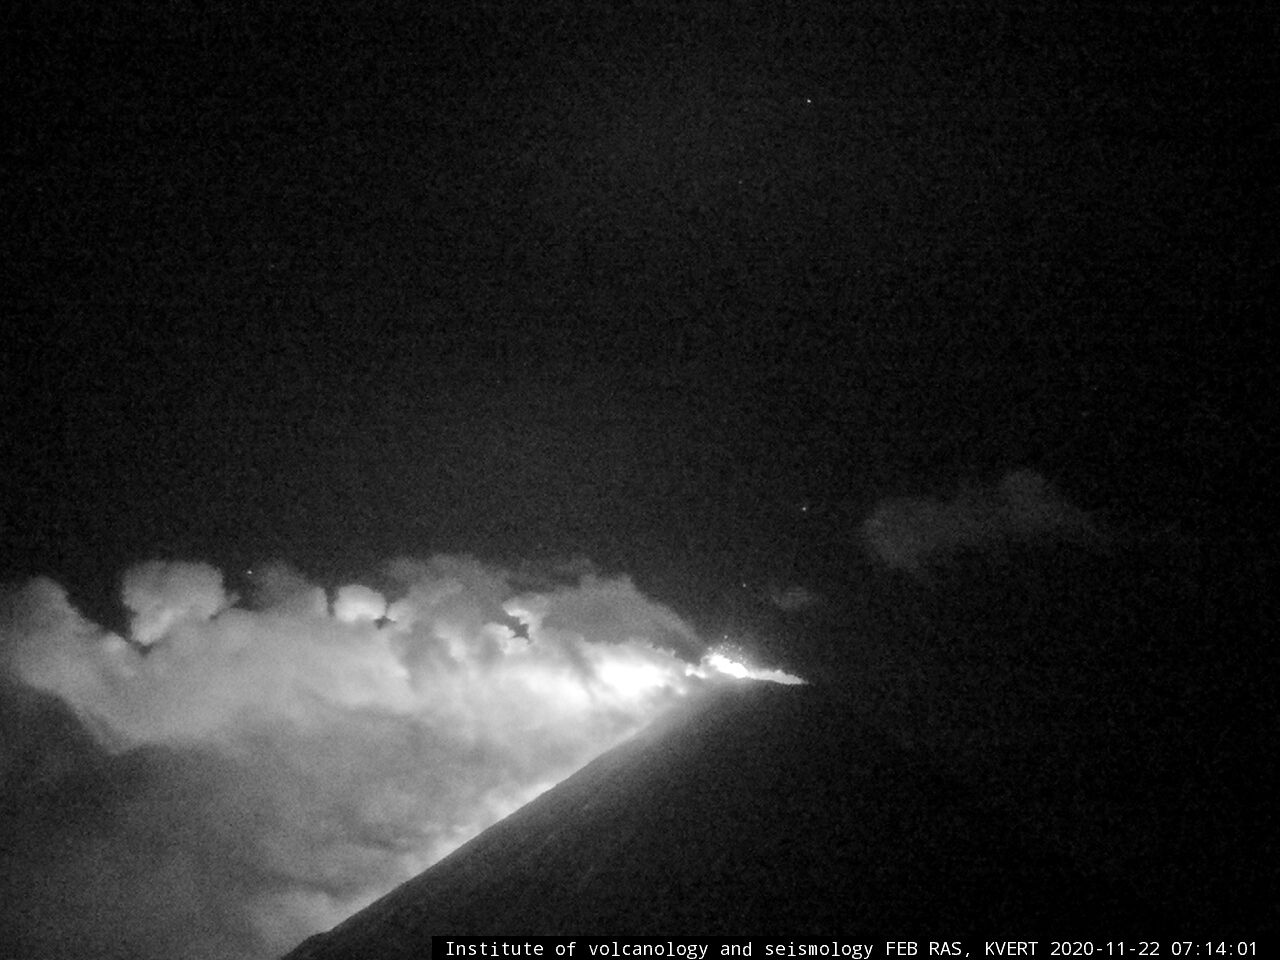 Klyuchevskoy de la staion volcanologique de Kliuchi - 22.11.2020  / 07h14 - webcam IVS FEB RAS , KVERT